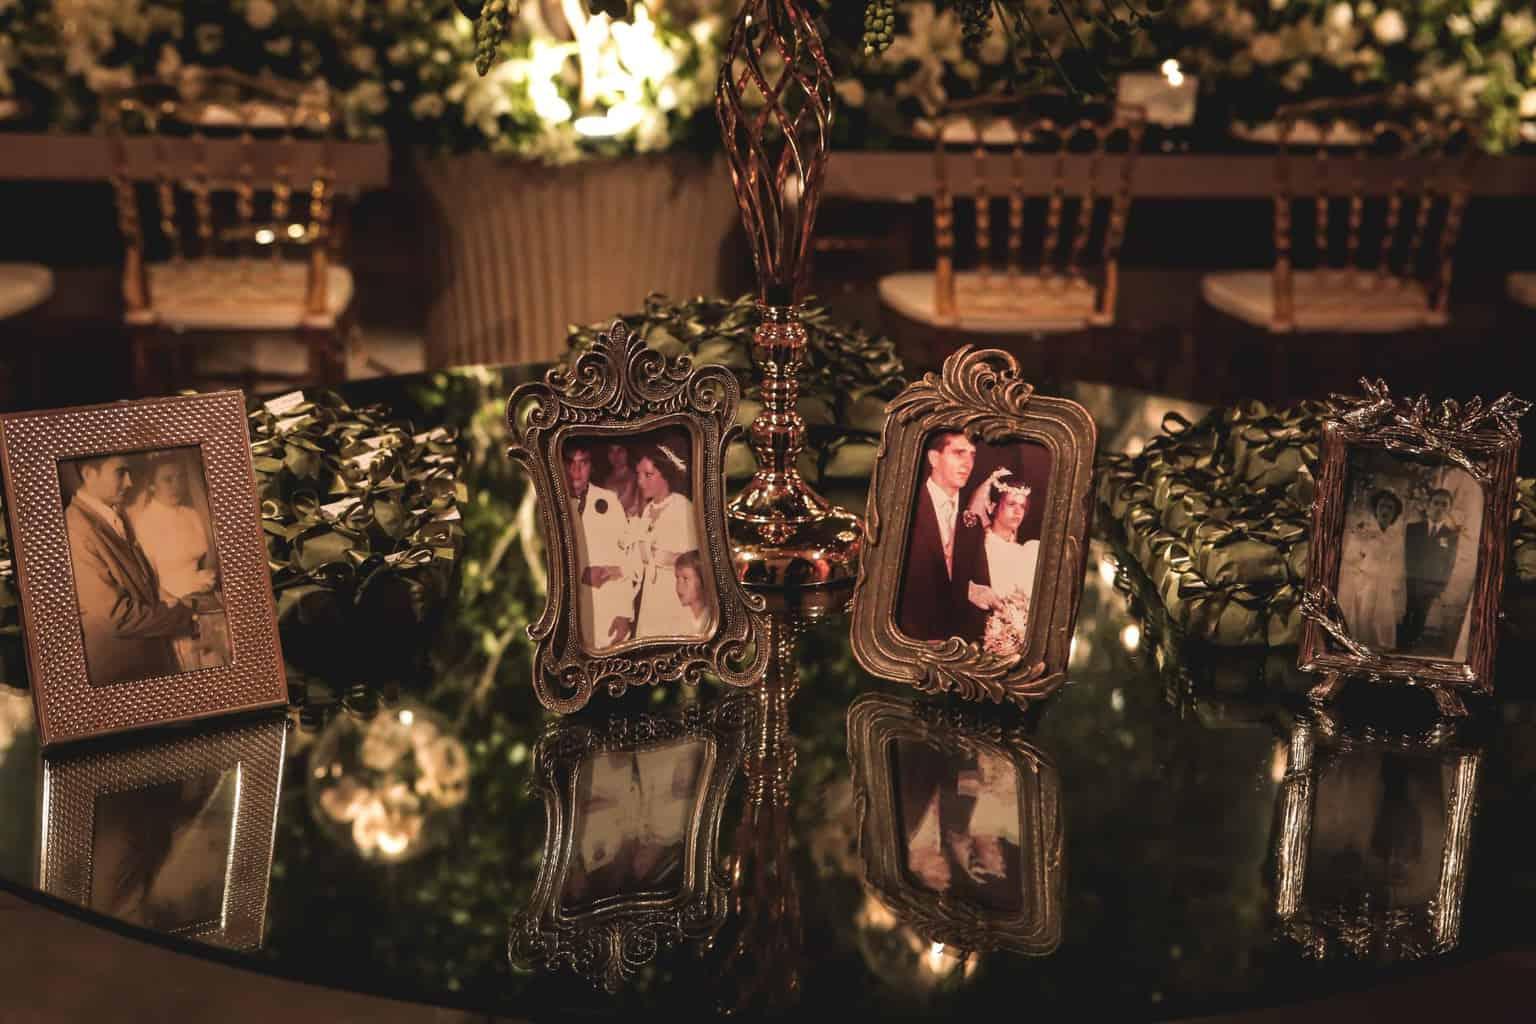 casamento-Juliana-e-Eduardo-decoracao-da-festa-Fotografia-Ricardo-Nascimento-e-Thereza-magno-Usina-dois-irmãos19